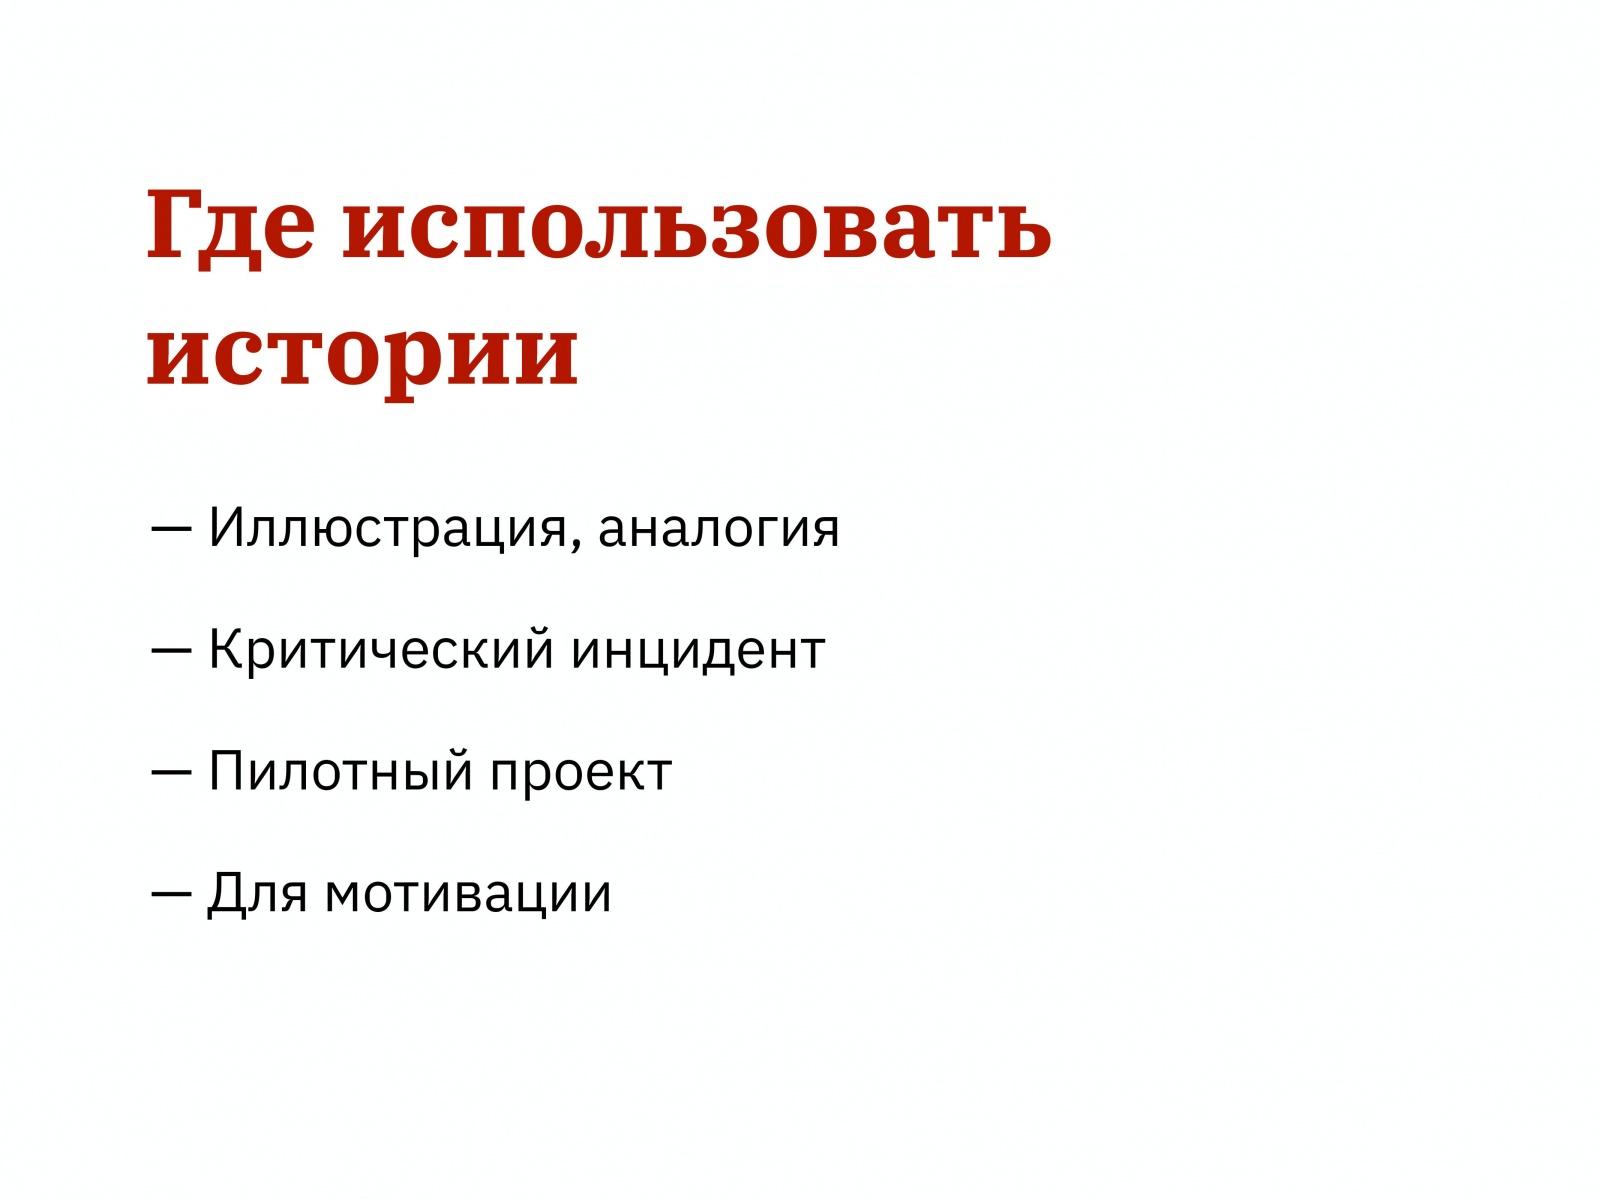 Алексей Каптерев: Критическое мышление 101 (часть 2) - 34